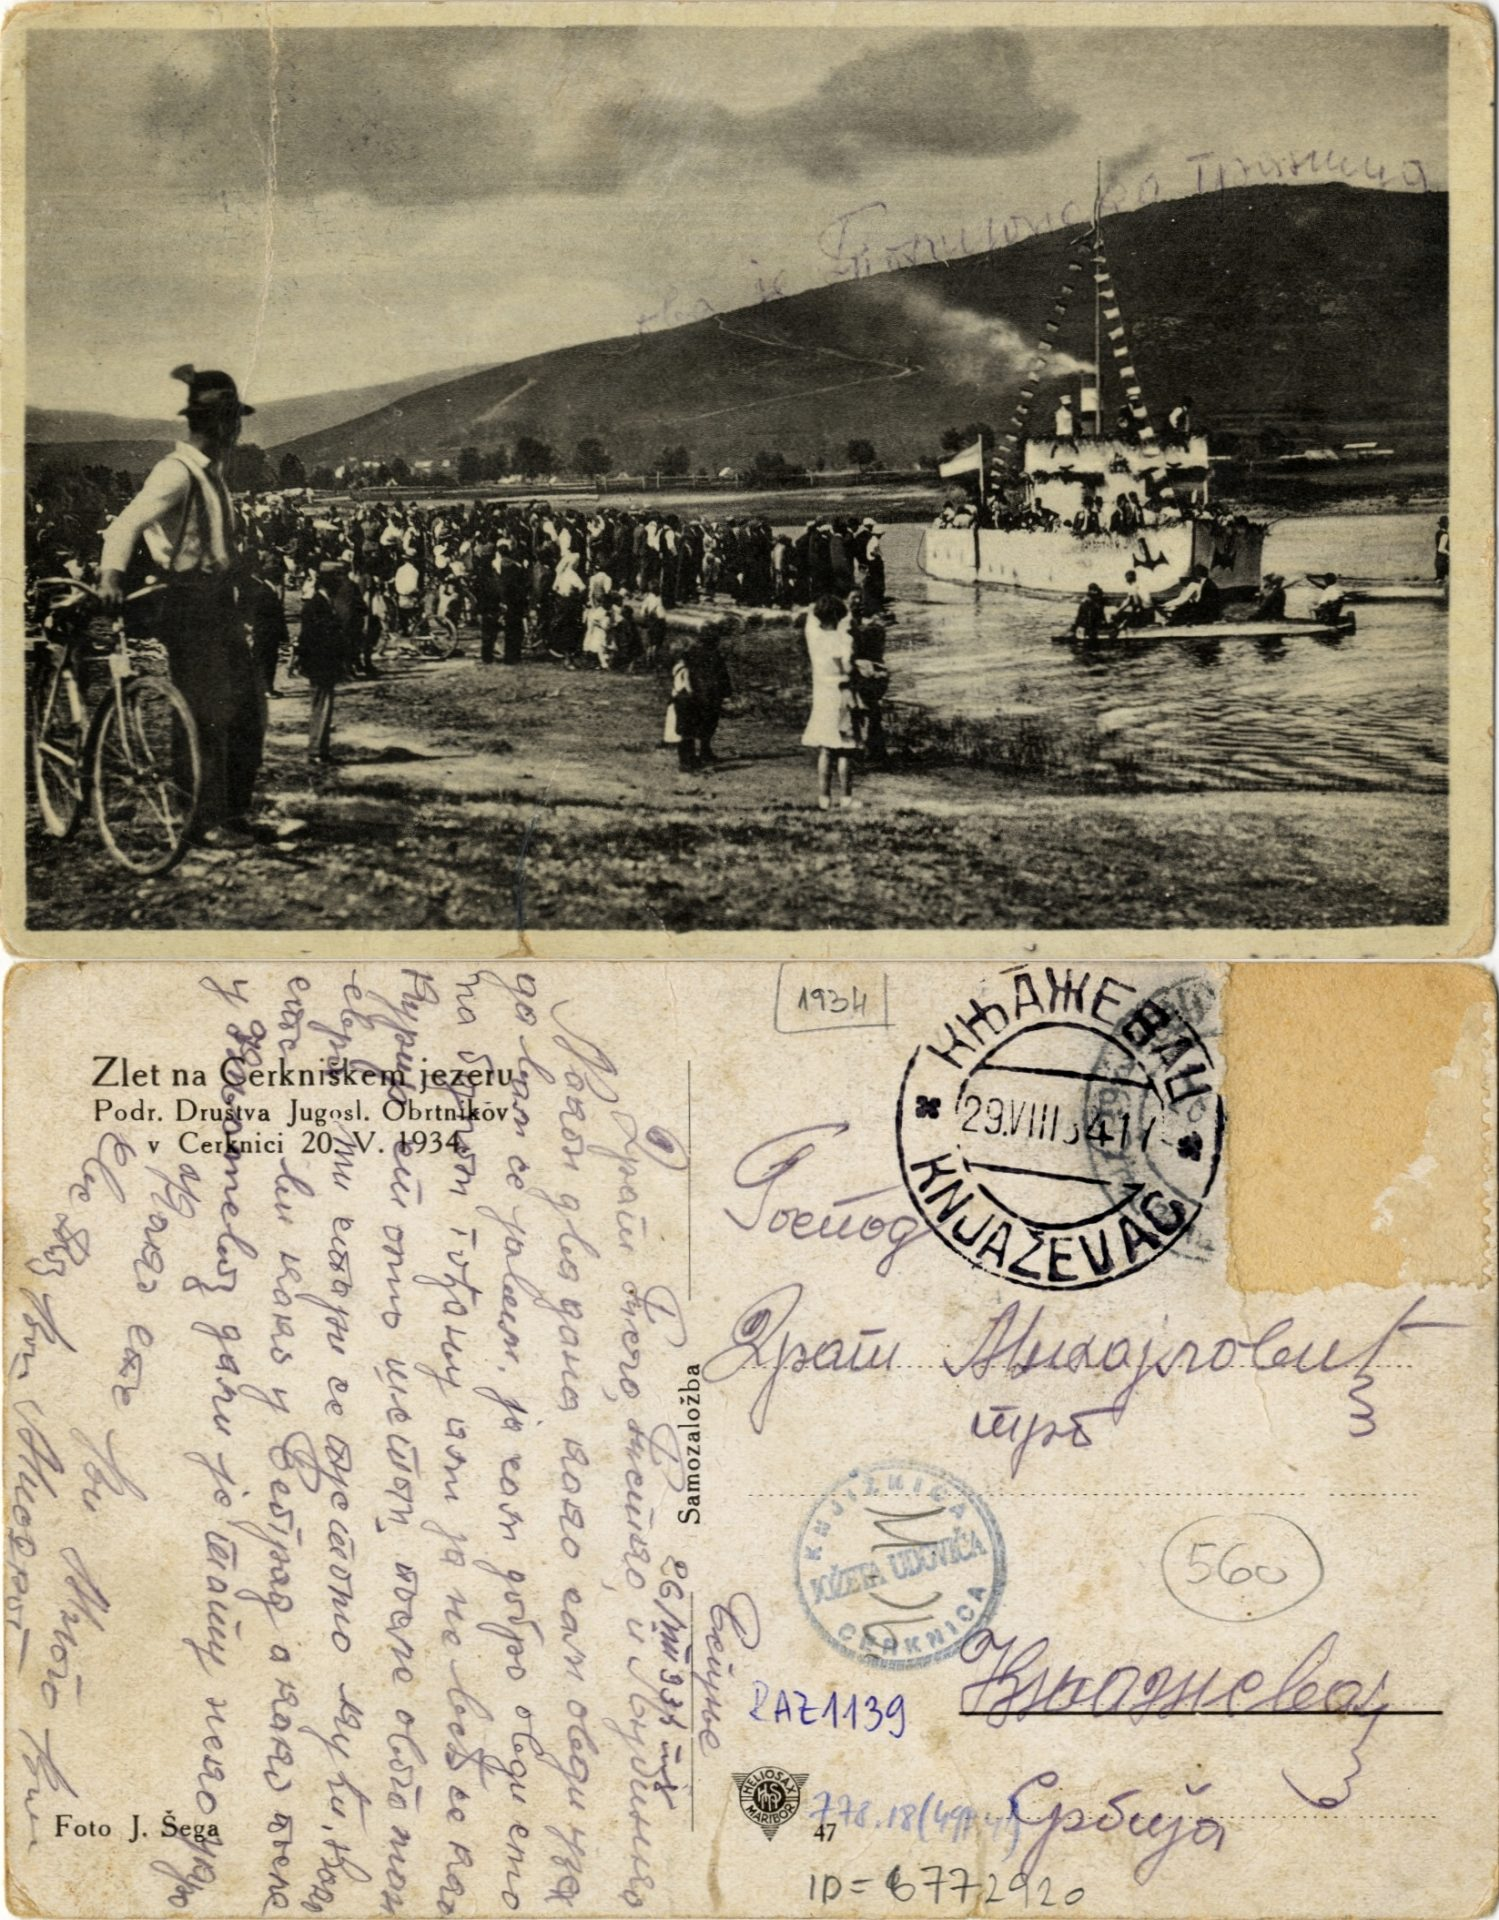 zlimano 2 - Cerkniško jezero